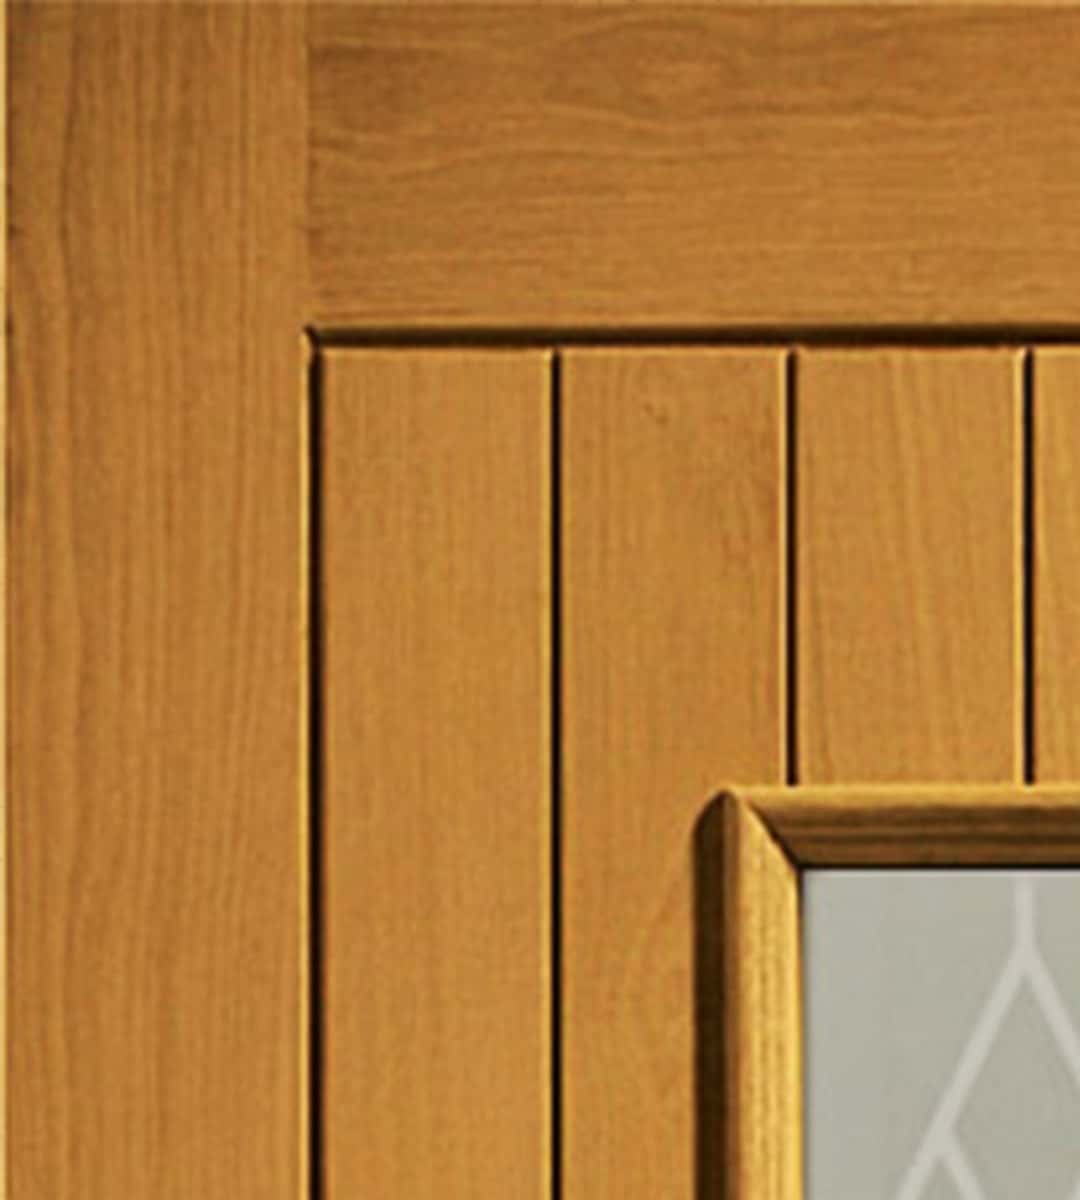 chancery oak exterior glass front door